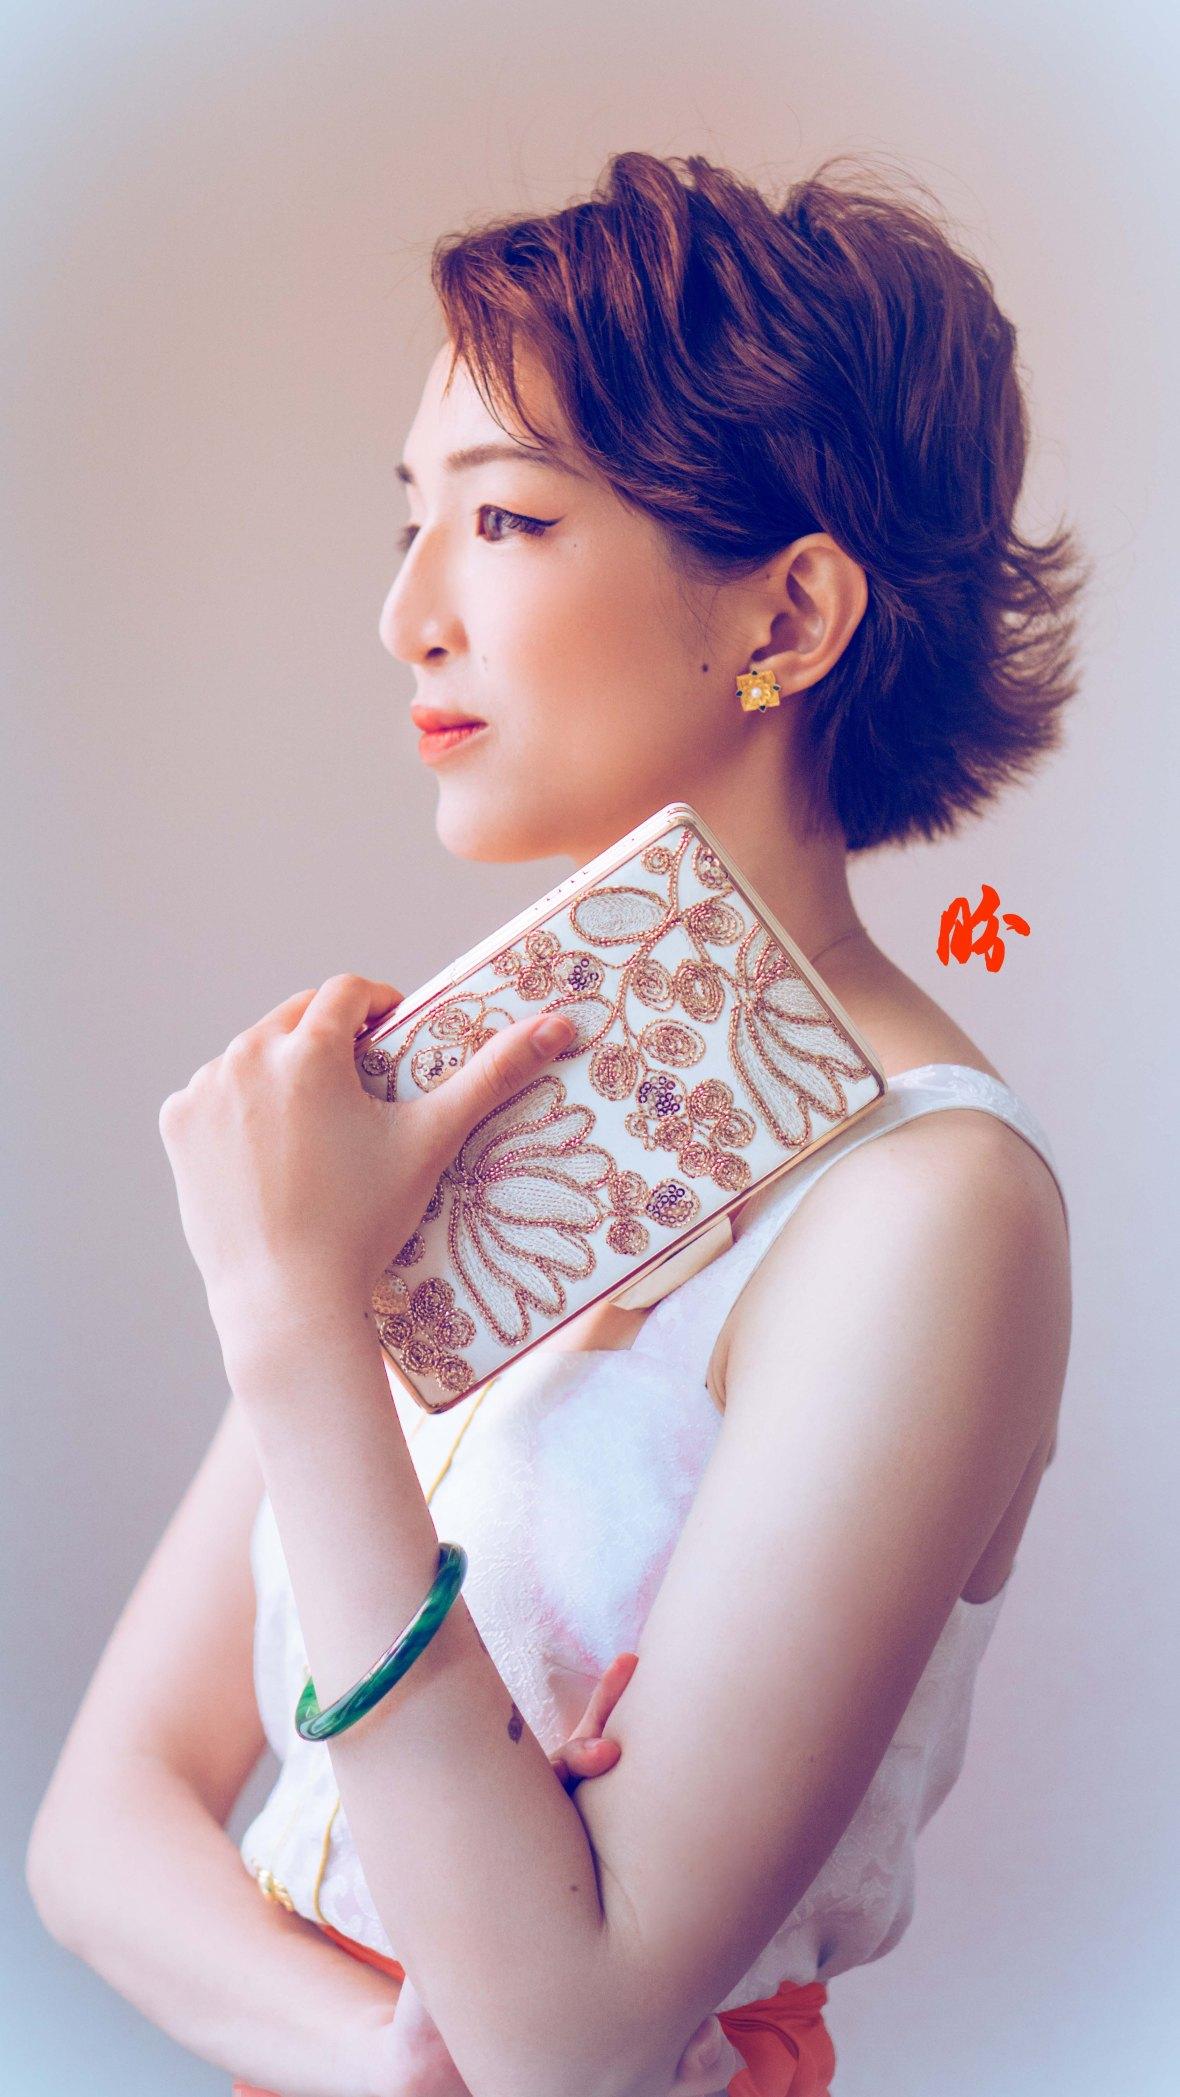 Xun hong-16edited